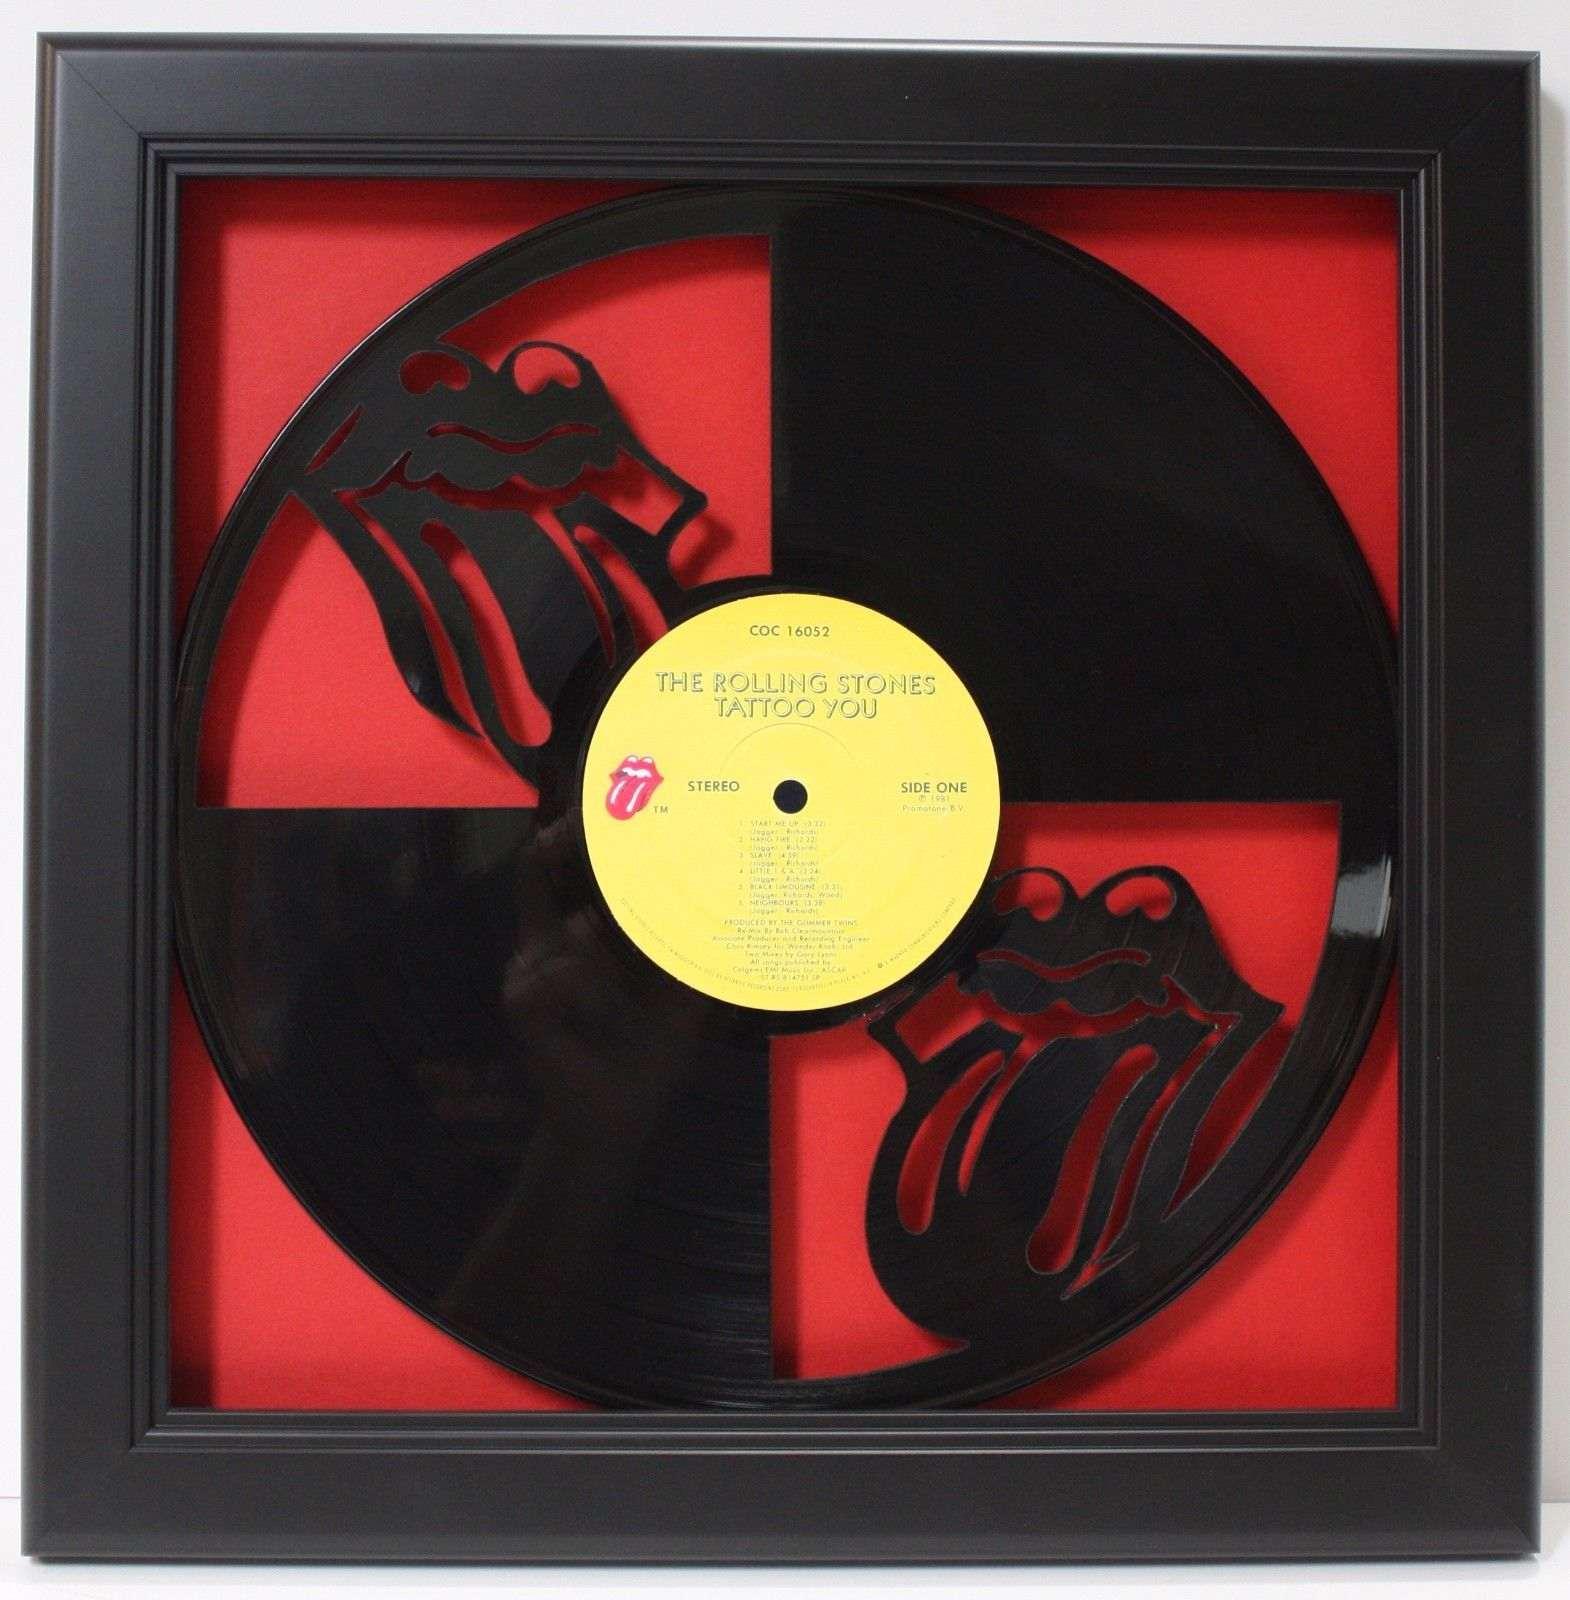 rolling stones framed laser cut black vinyl record in shadowbox